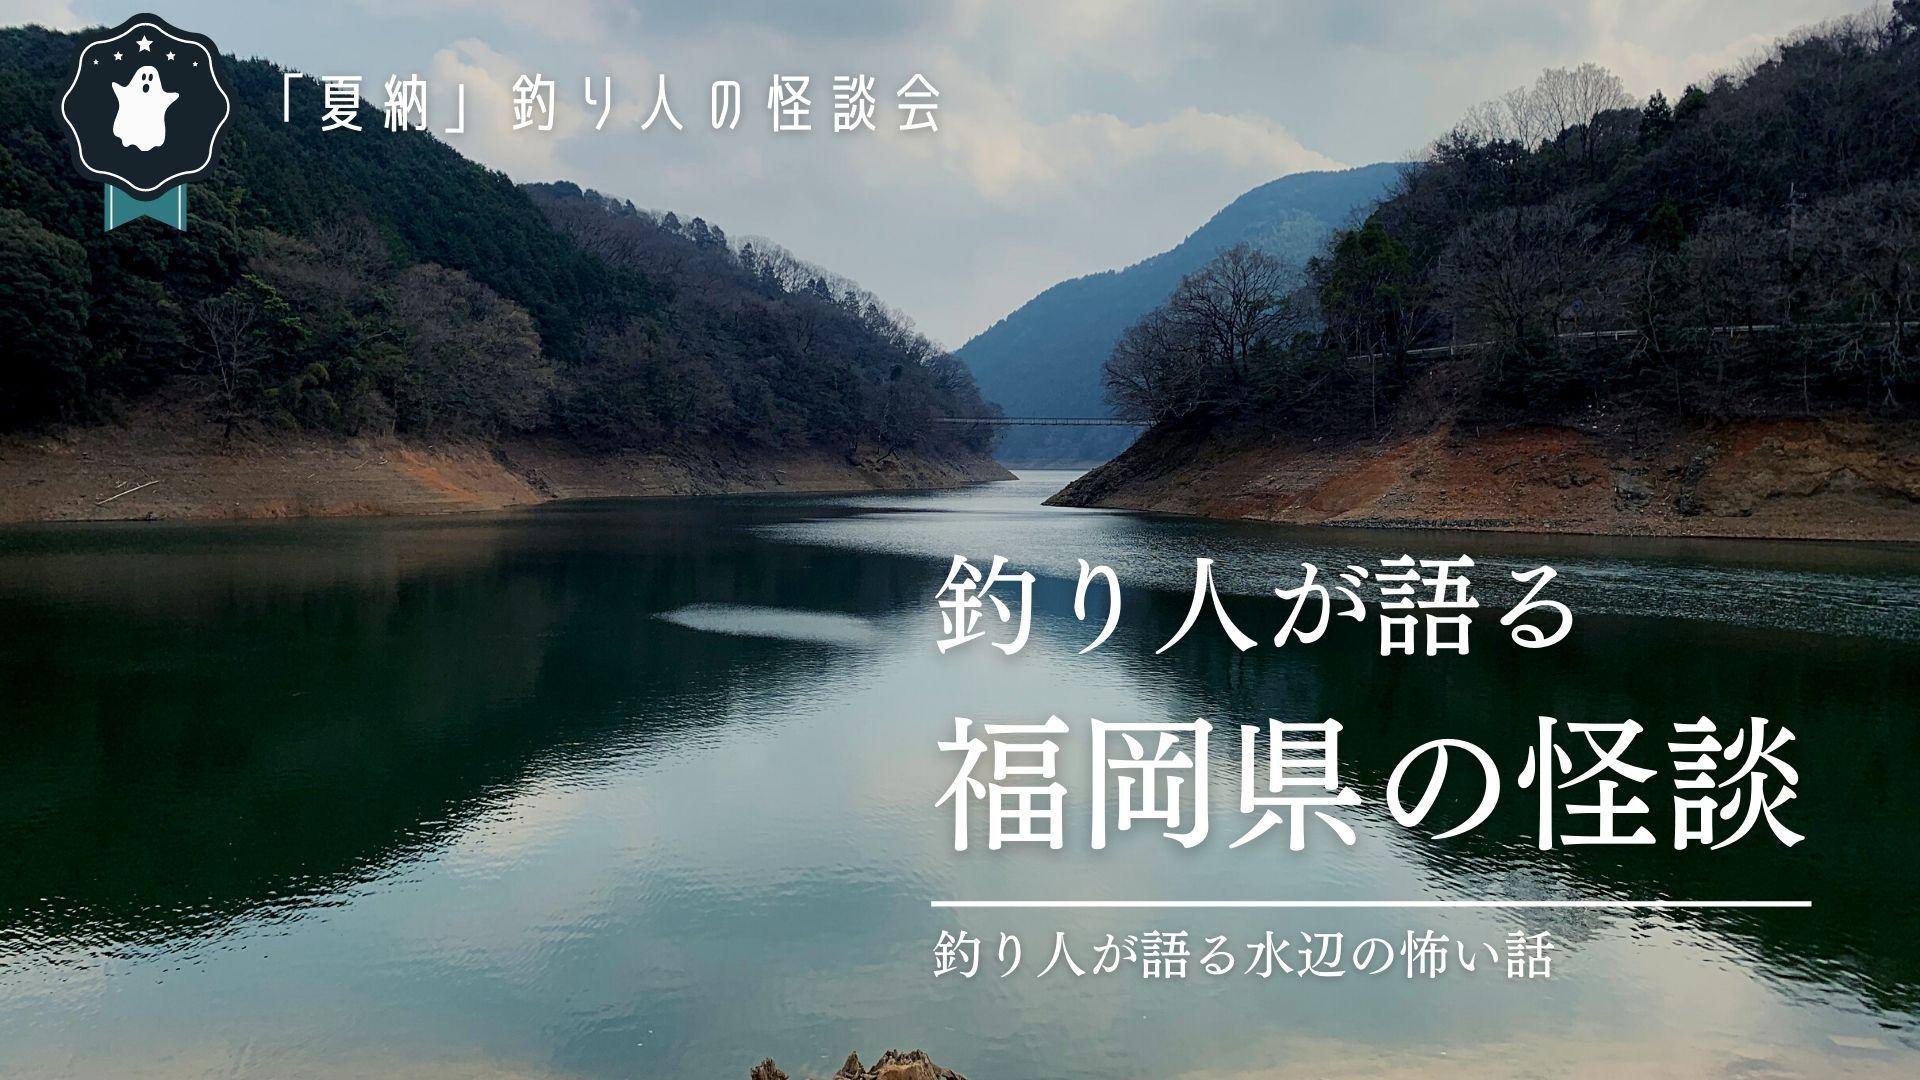 釣り人が体験した福岡県の怖い話!釣り人が水辺で体験した怪談会